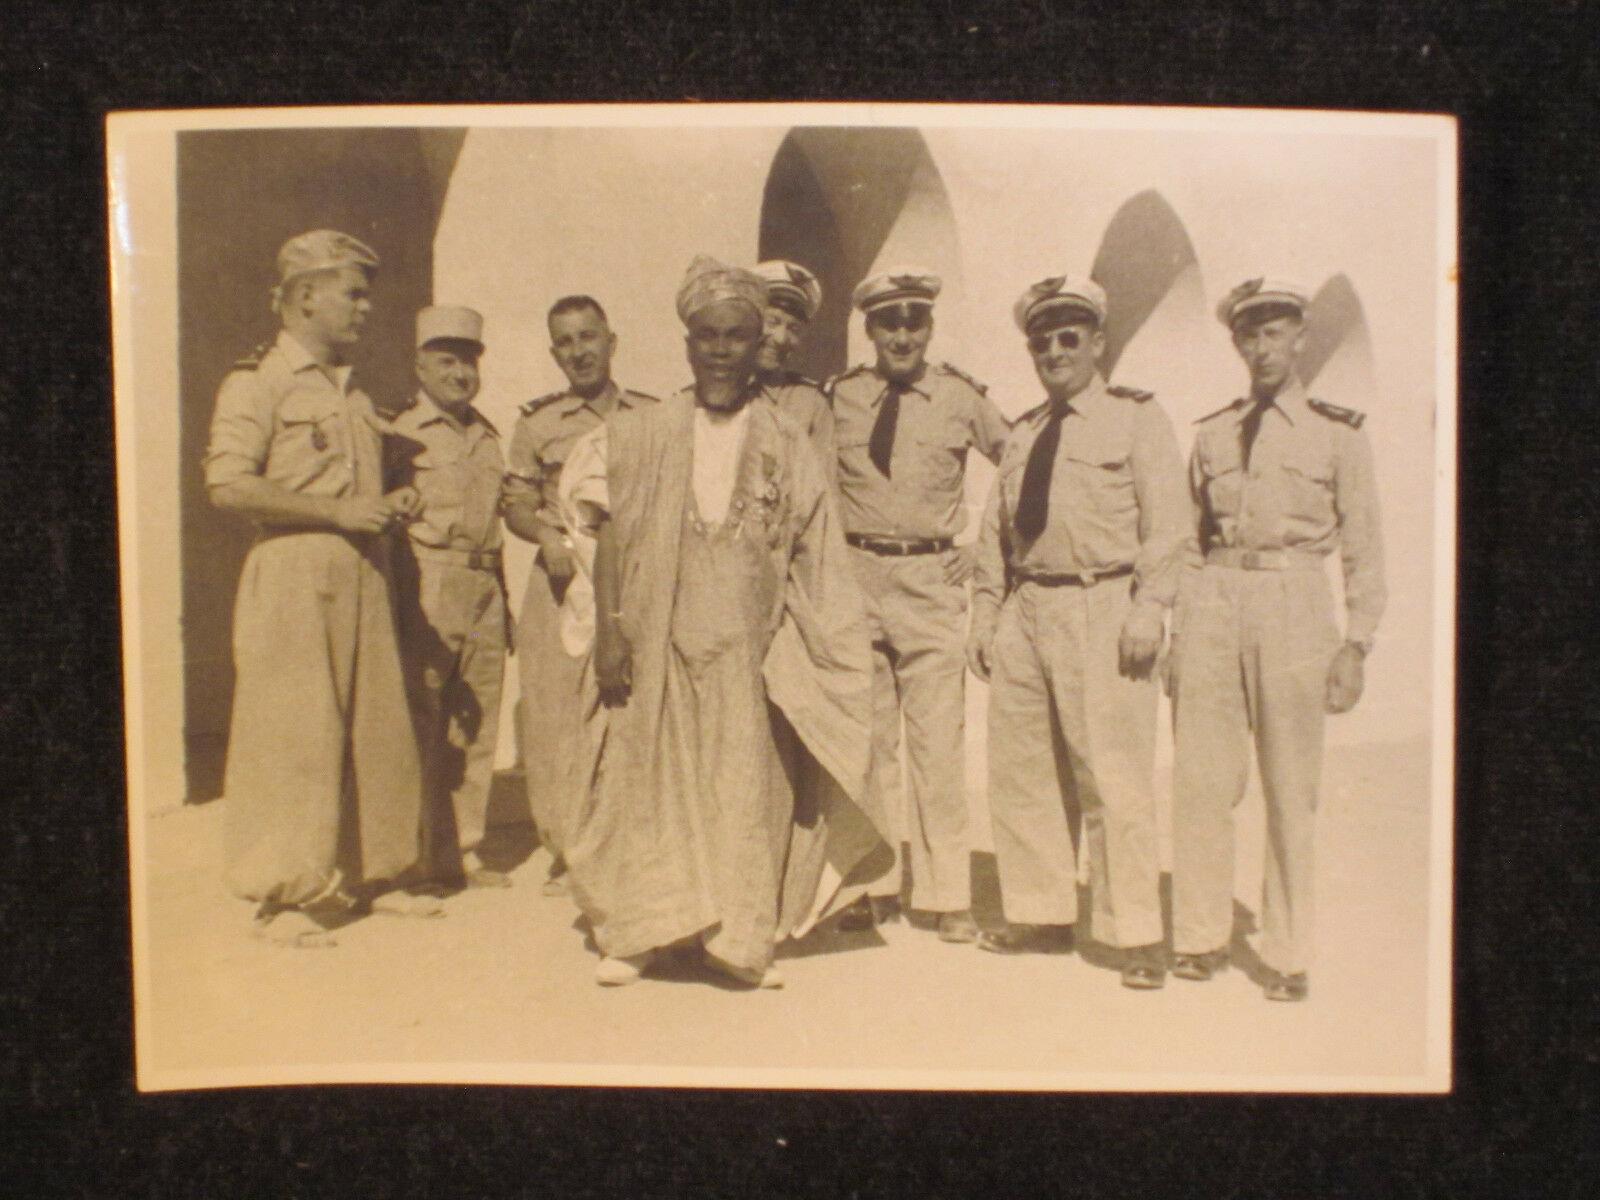 Le caïdat en Algérie au XIXe siècle - 2ème partie -  dans Attributs d'Algérienneté 201223080840287795